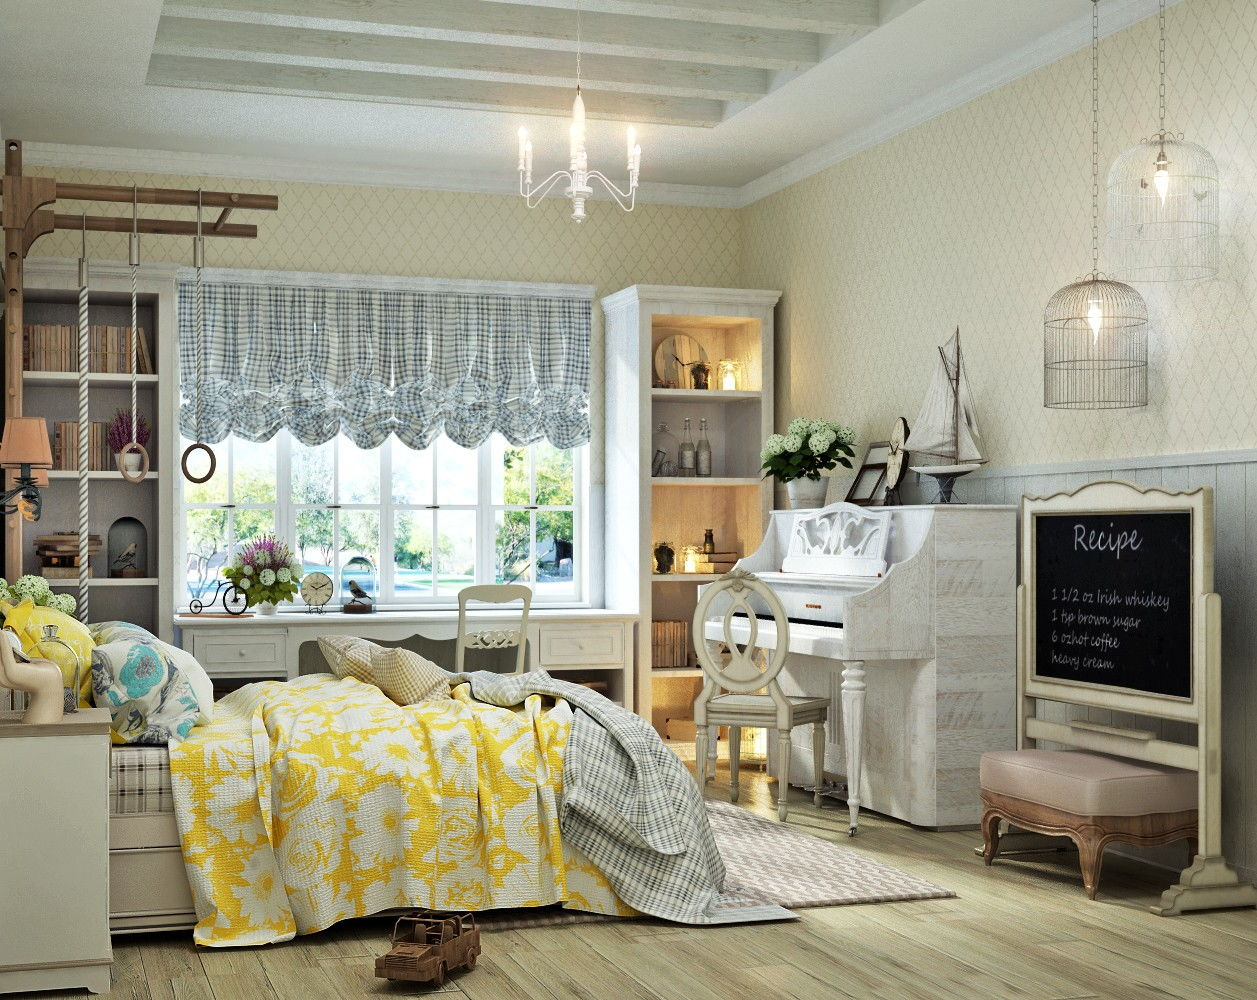 спальня в стиле прованс идеи интерьера